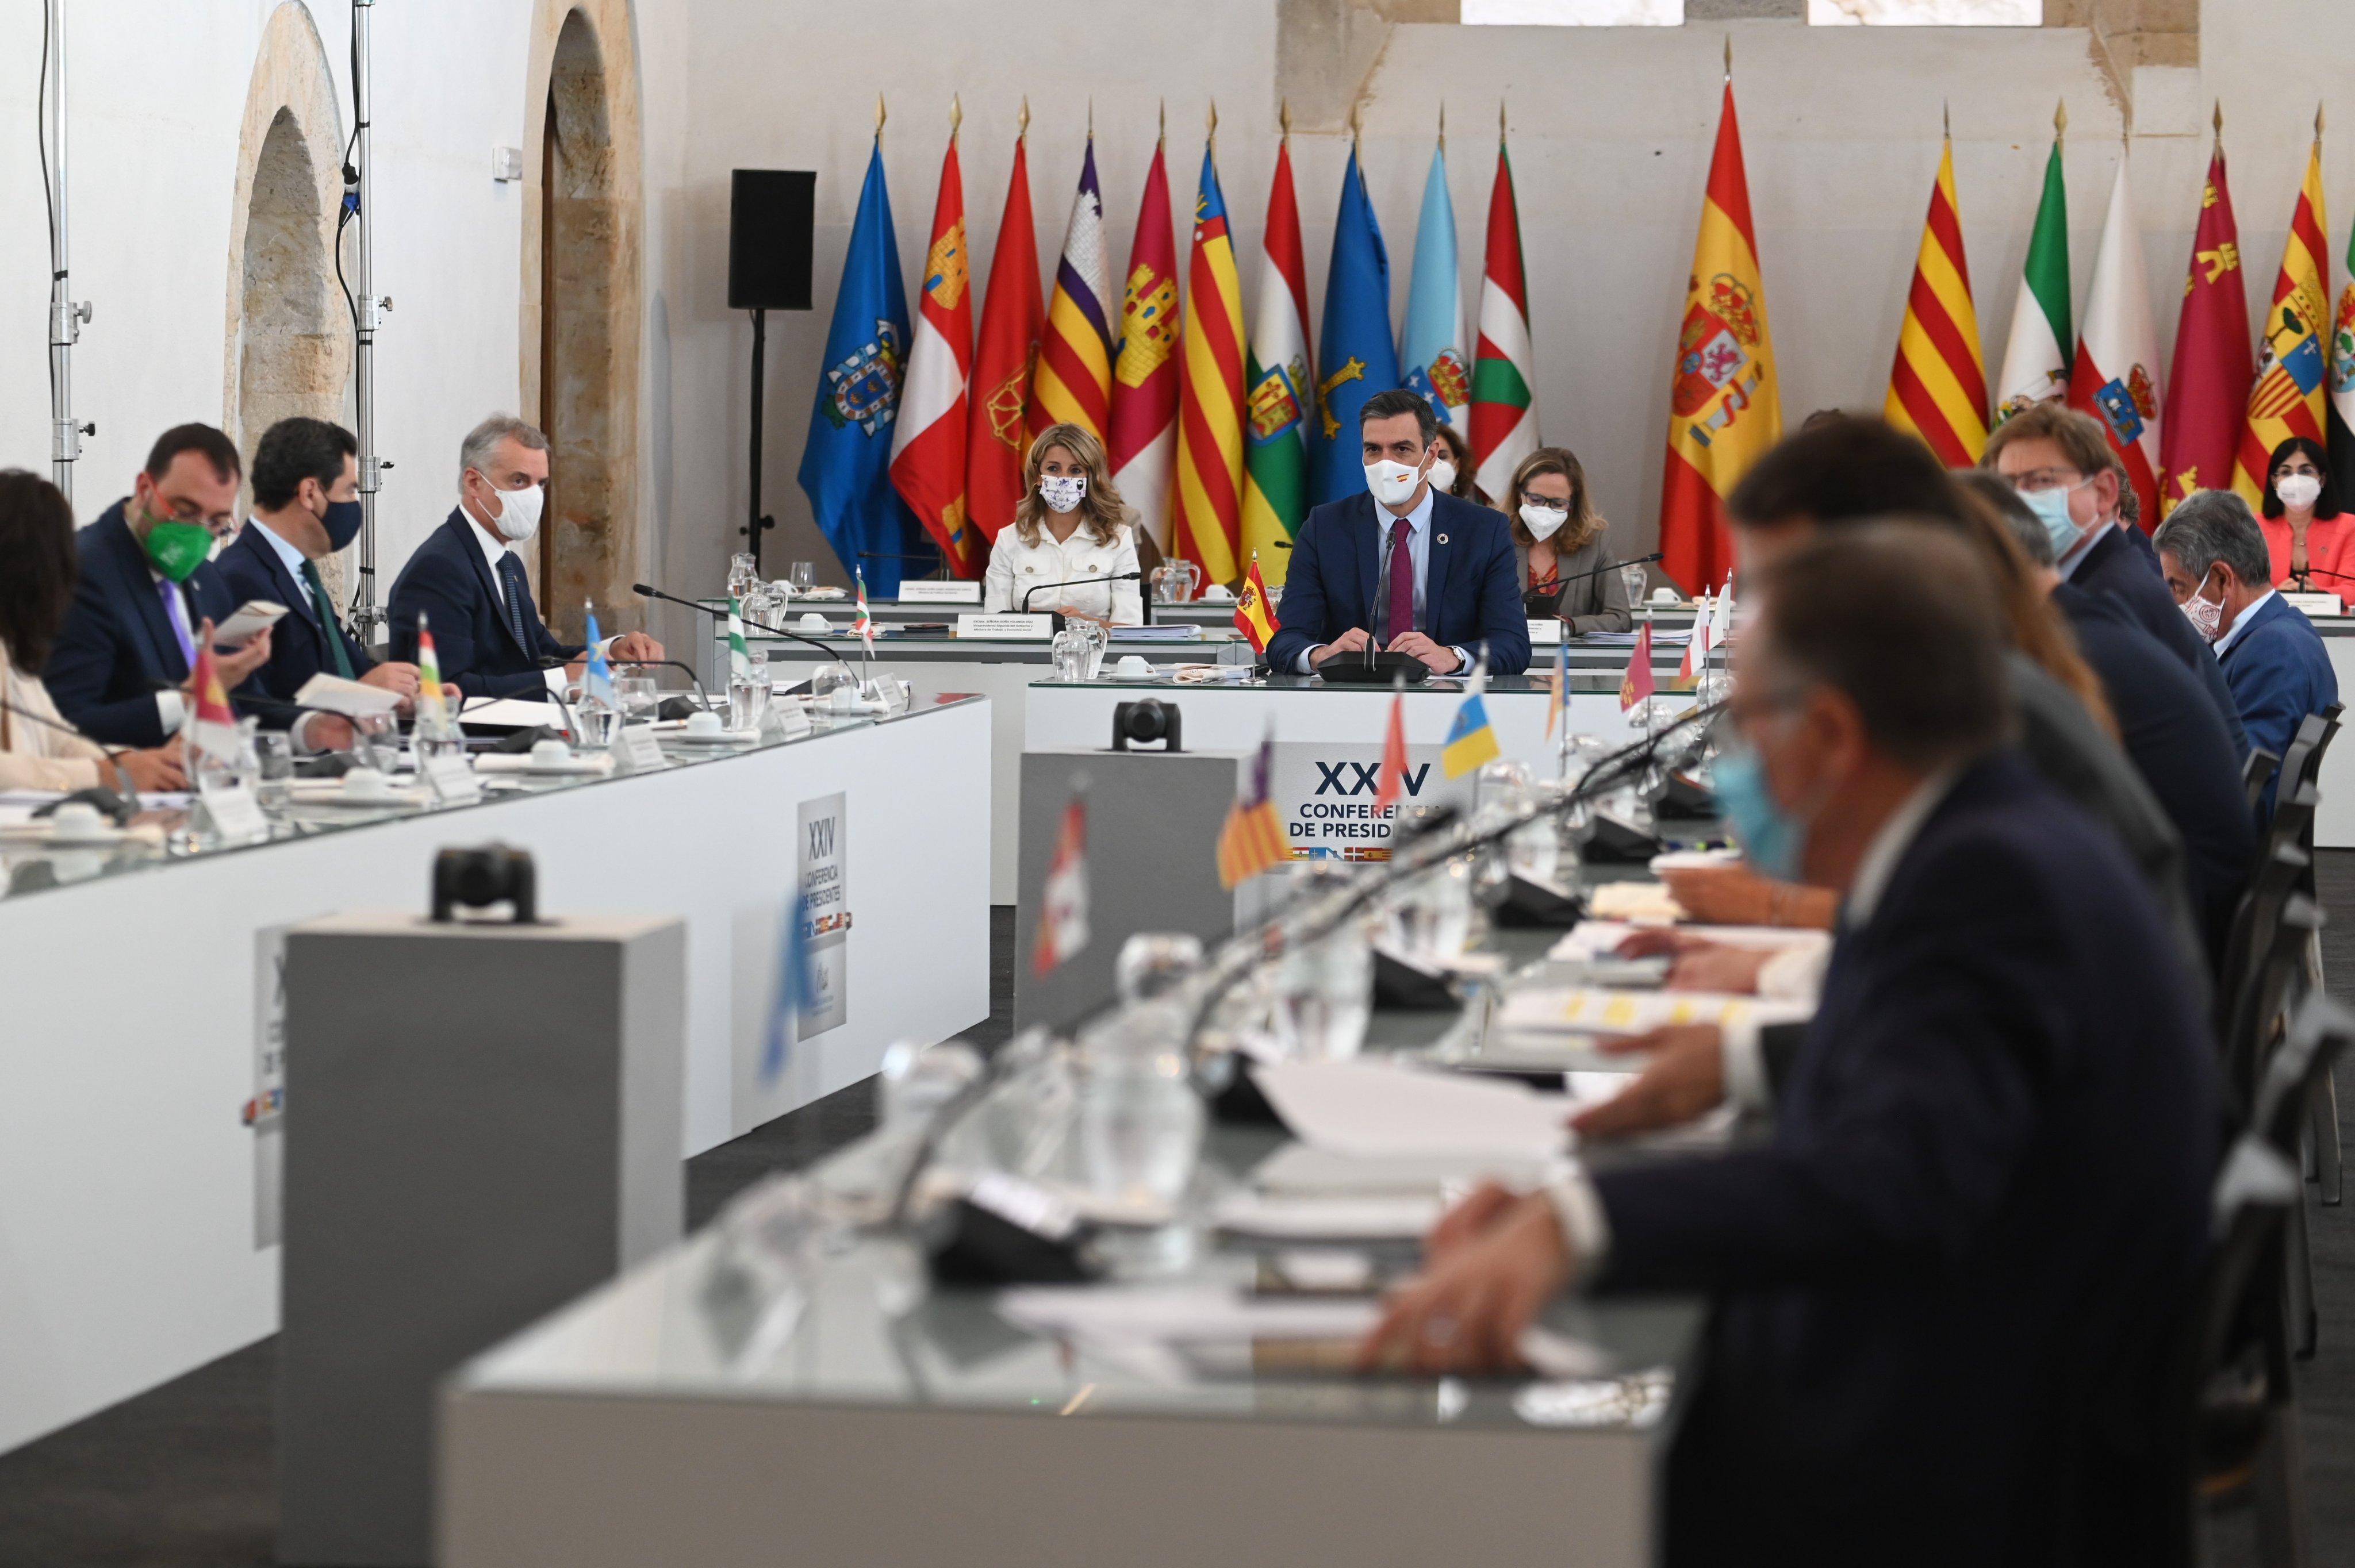 Andalucía tendrá 2.317 millones menos por la financiación del Gobierno socialcomunista a las comunidades